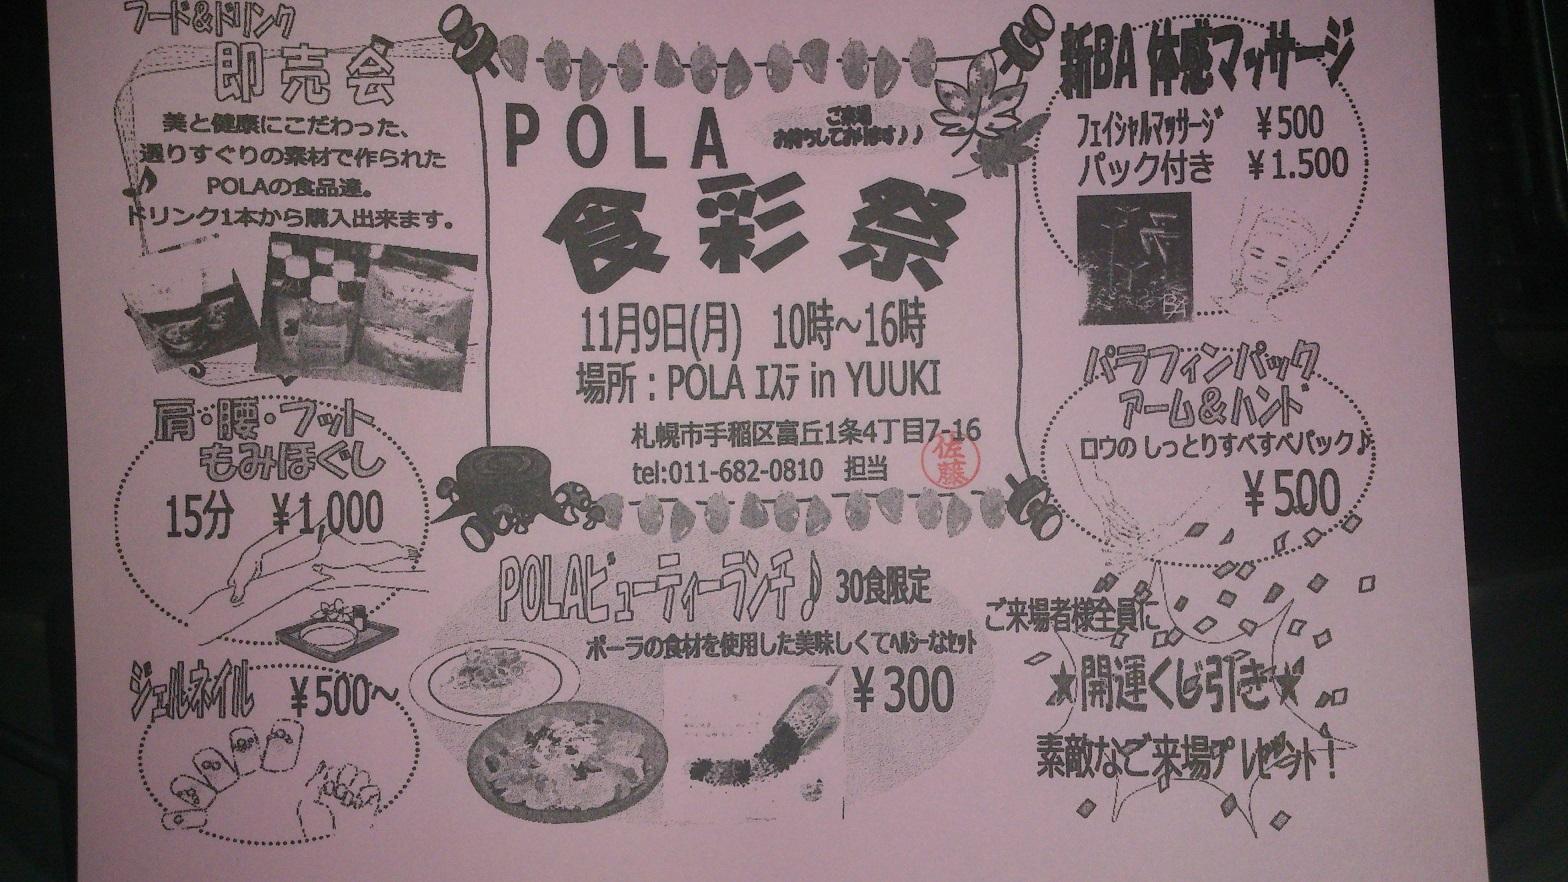 格安で楽しめる美容ビューティーイベント POLA  食 彩 祭 手稲区 (11/9) 札幌